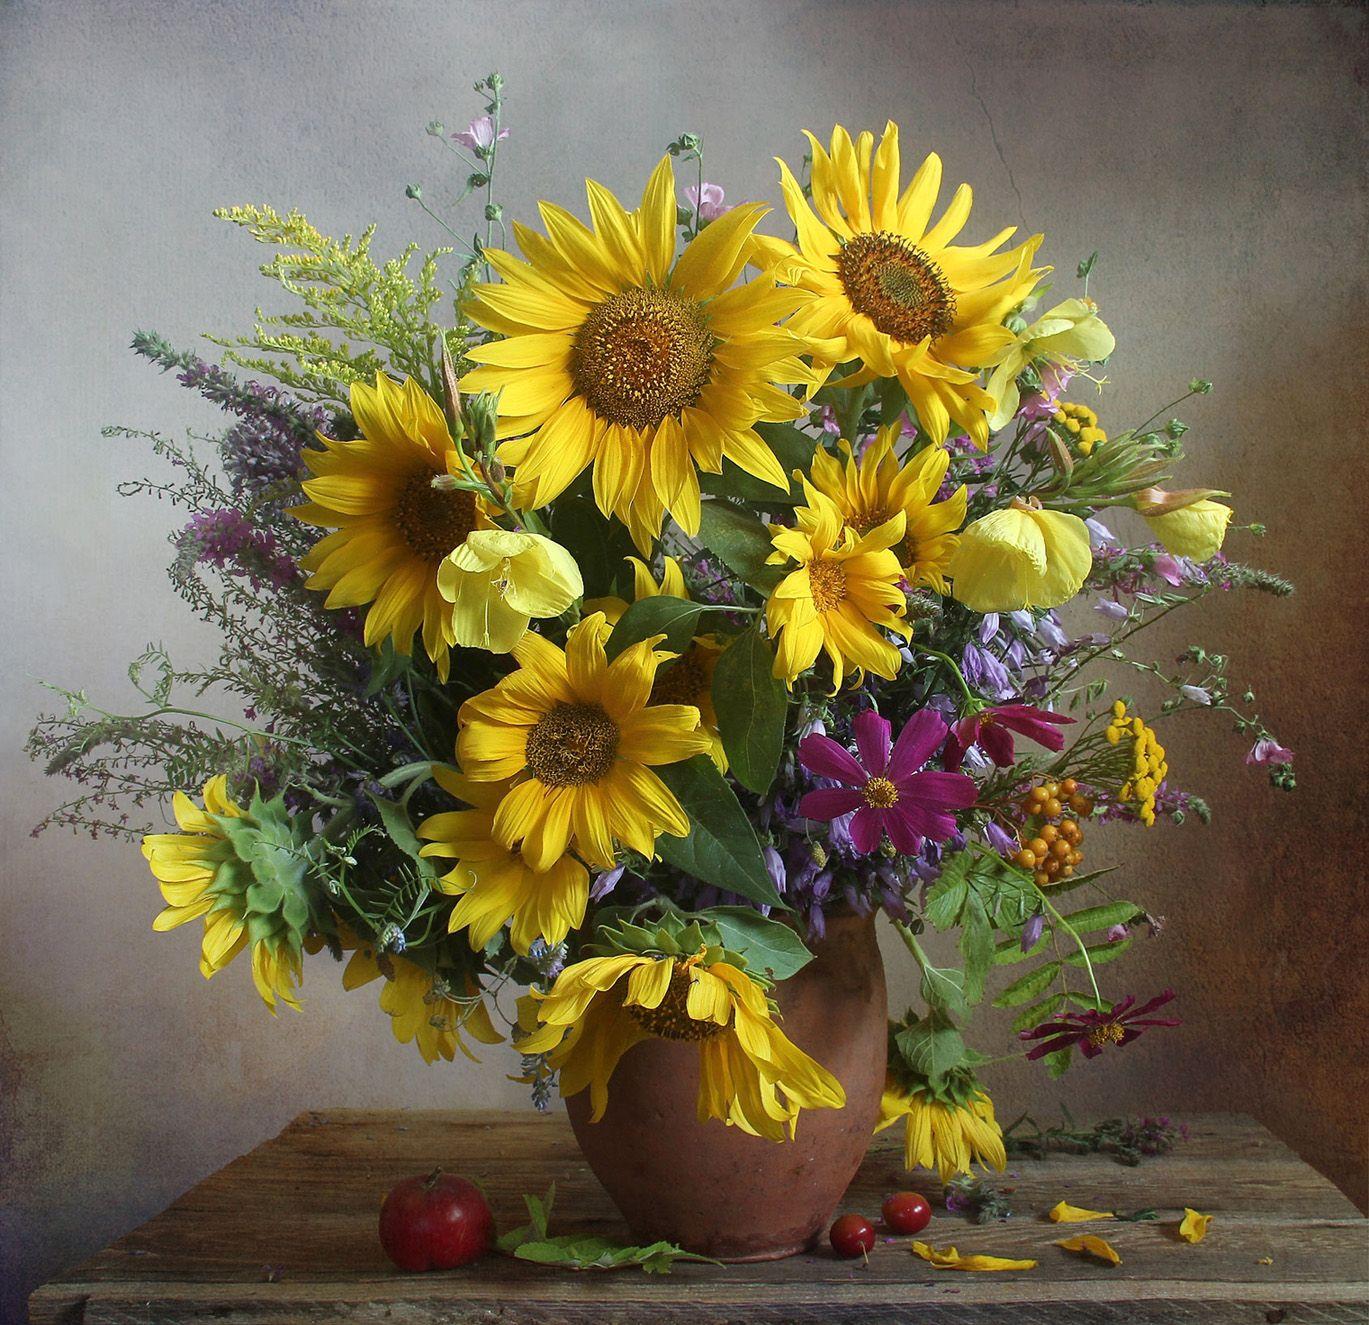 лето,  цветы, натюрморт, марина филатова, подсолнухи, Филатова Марина